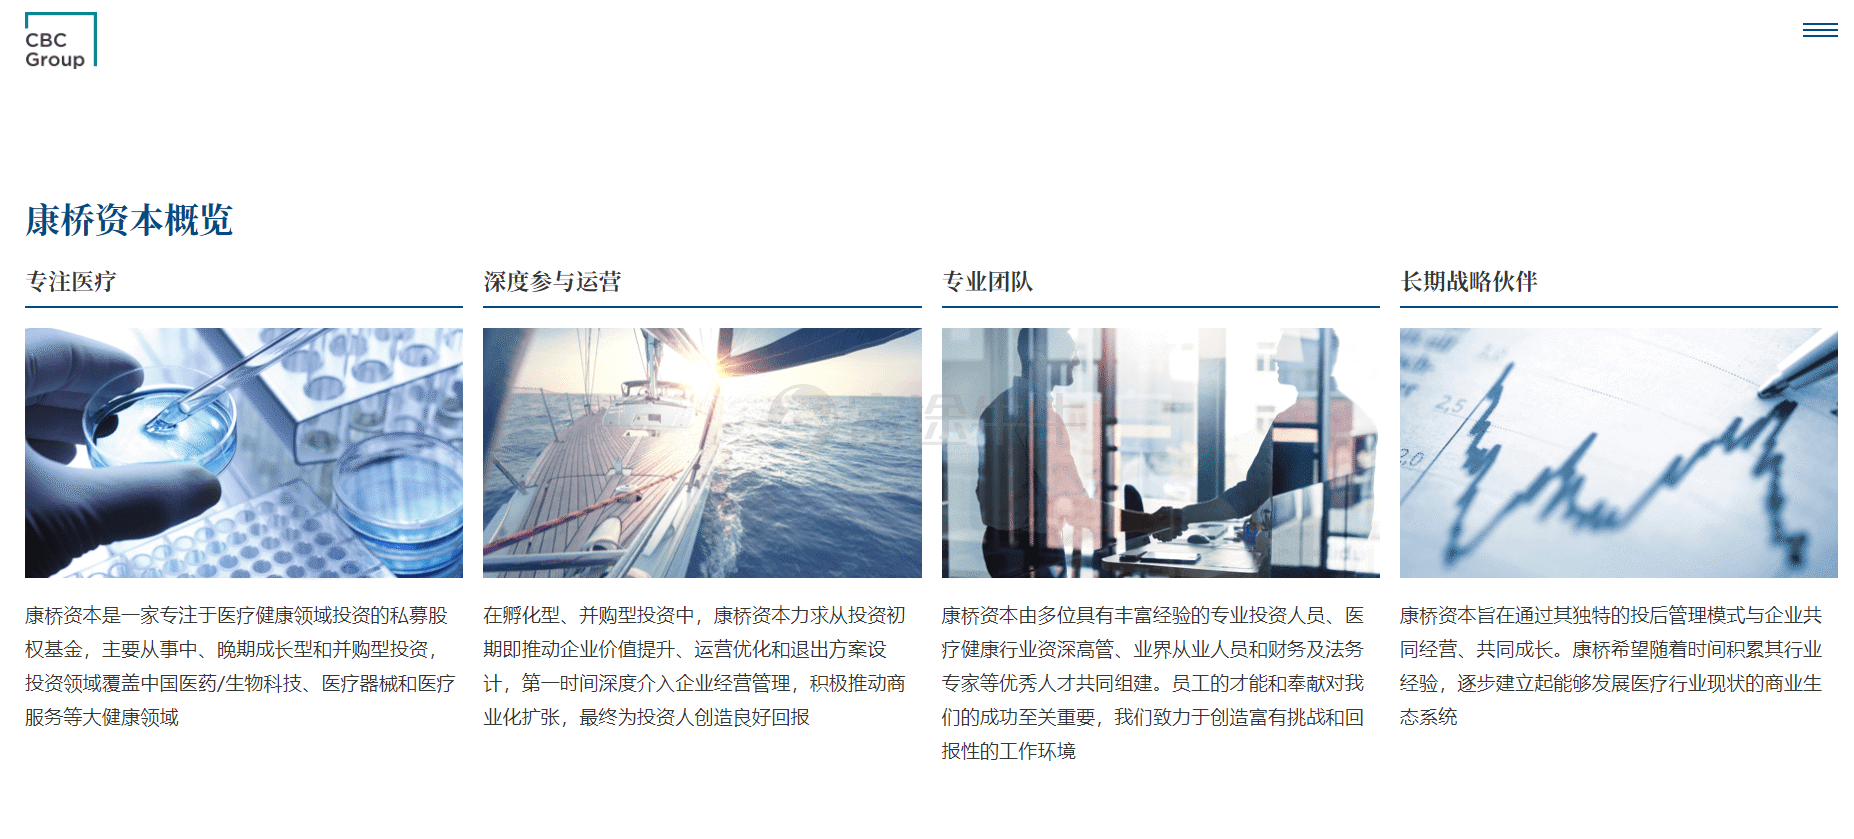 图片来源:康桥资本官网